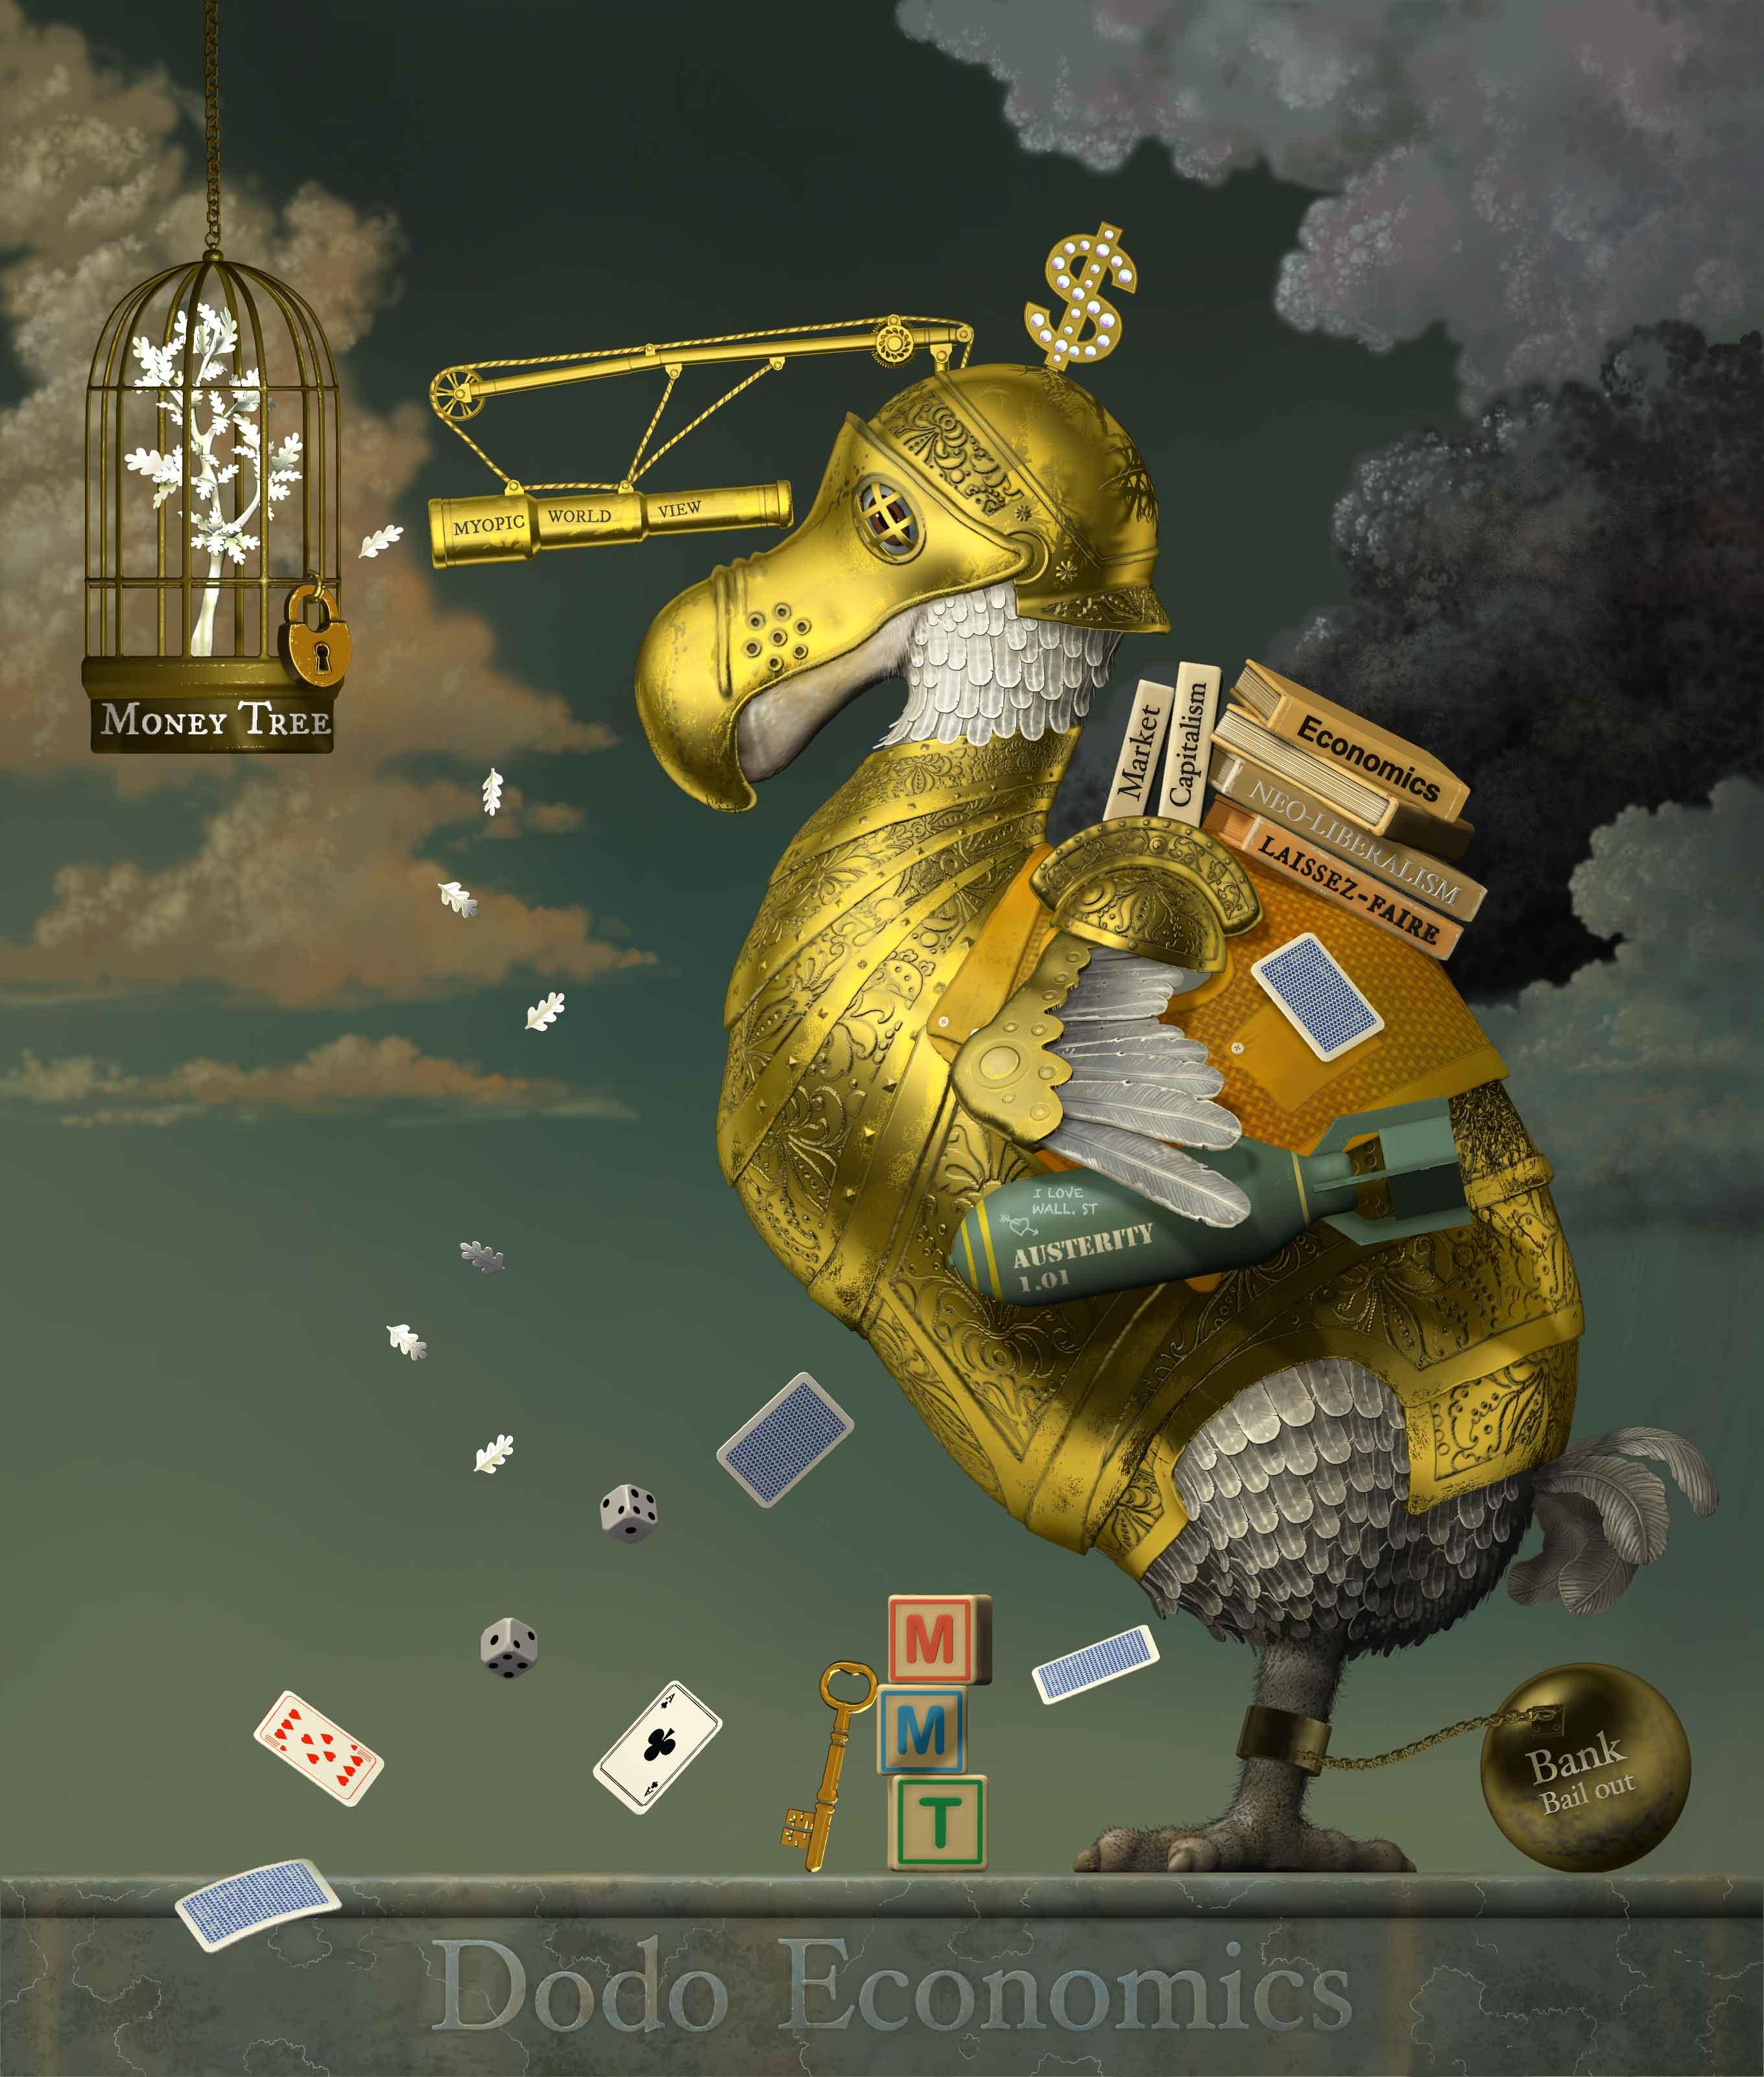 DODO-Economics